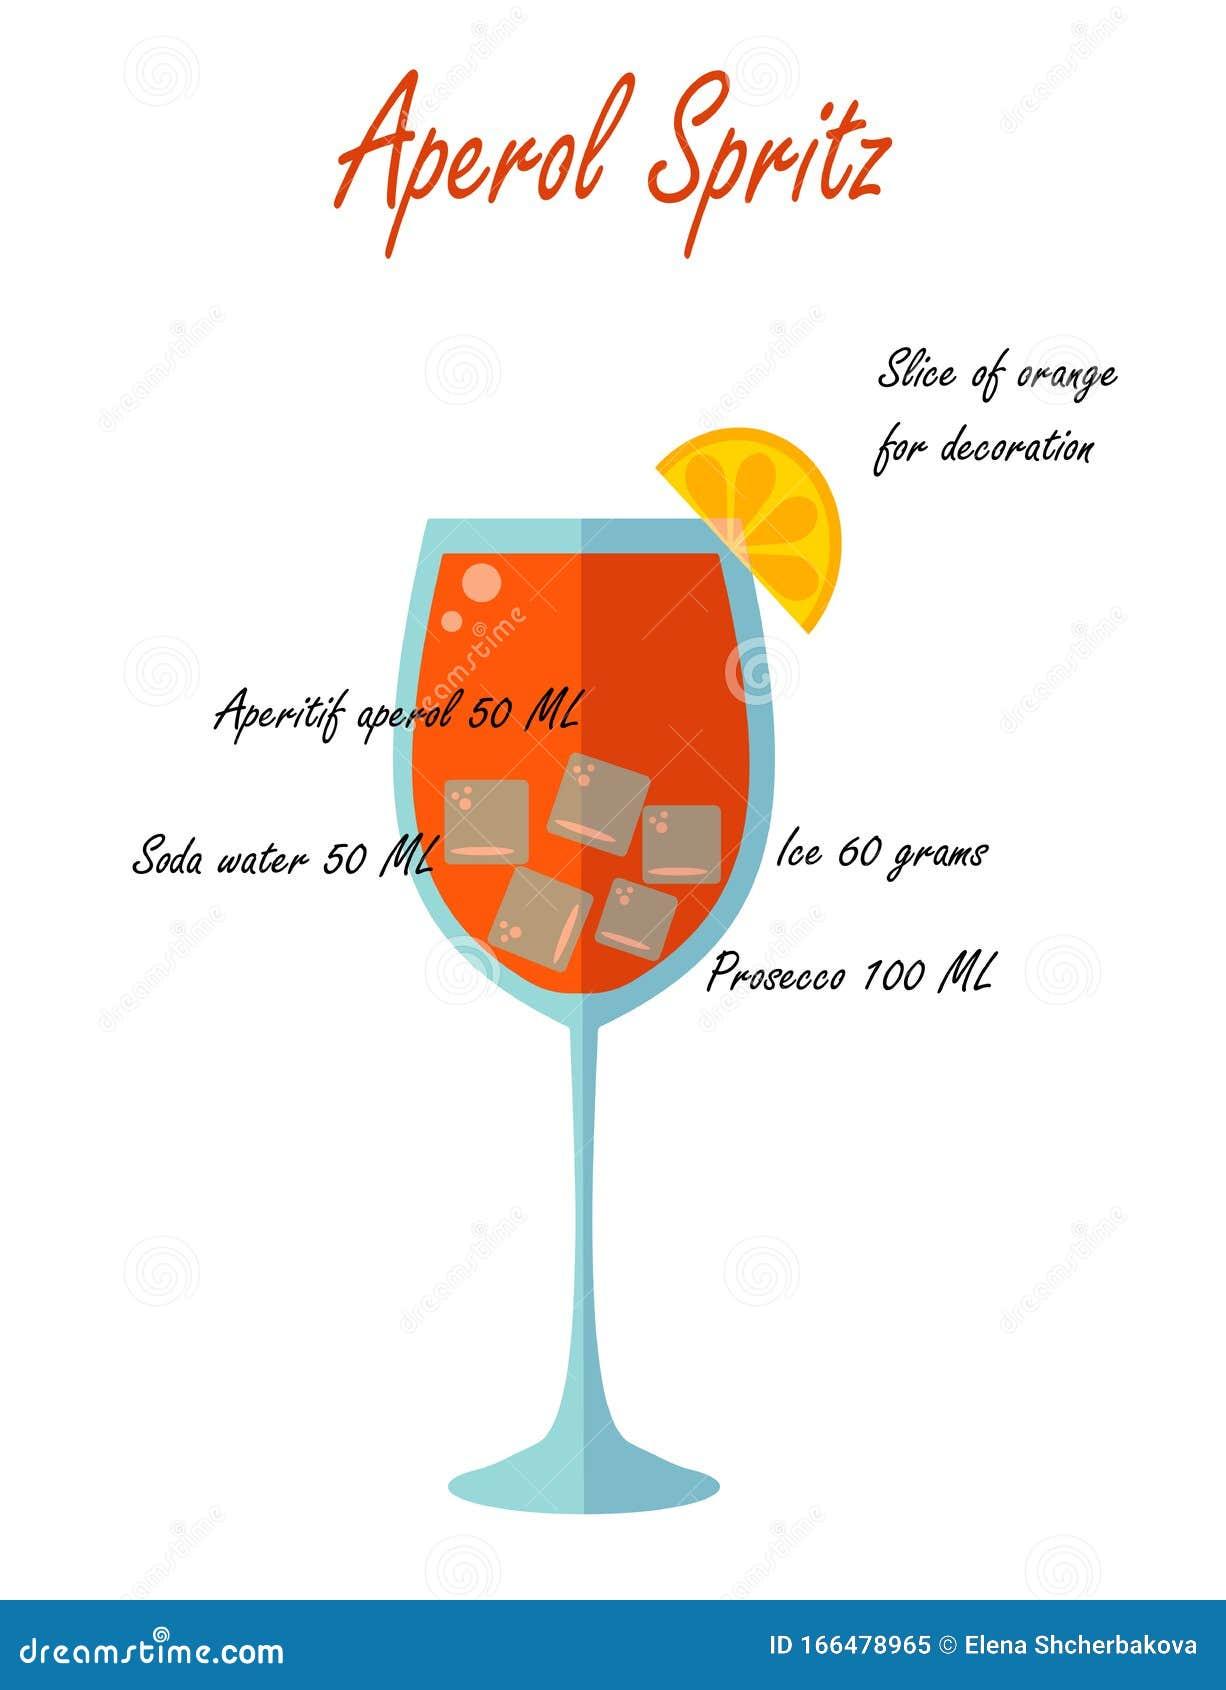 Ricetta Aperol Spritz Con Vino Bianco.Bicchiere Di Aperol Spritz A Basso Contenuto Alcolico E Ricetta Su Fondo Bianco Illustrazione Vettoriale Illustrazione Di Elemento Fattura 166478965